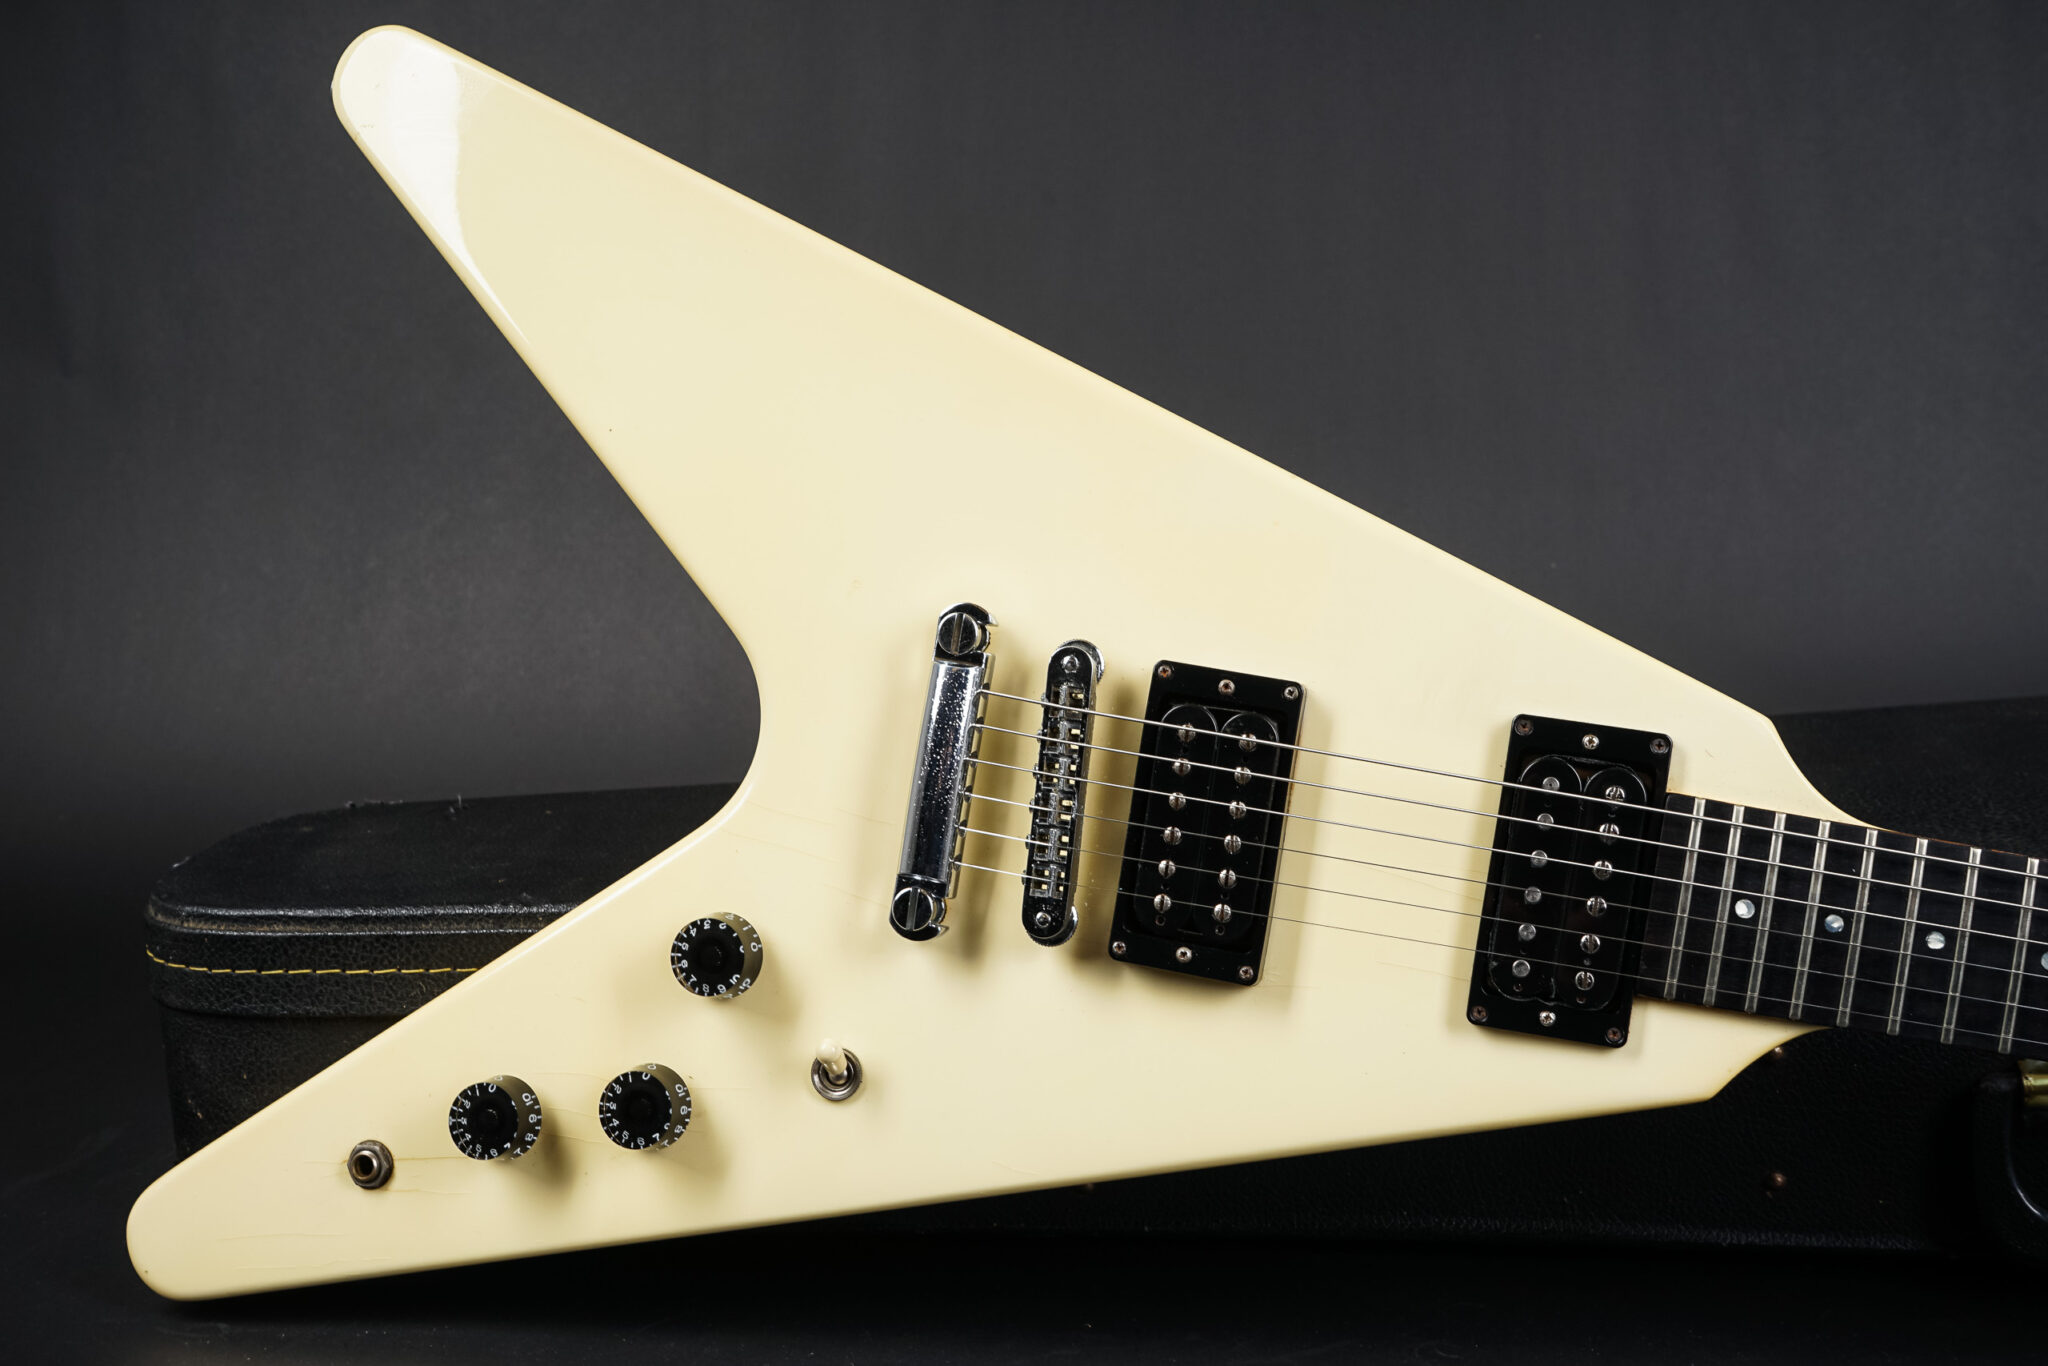 https://guitarpoint.de/app/uploads/products/1985-gibson-flying-v-white/1985-GIBSON-Flying-V-White-8-2048x1366.jpg